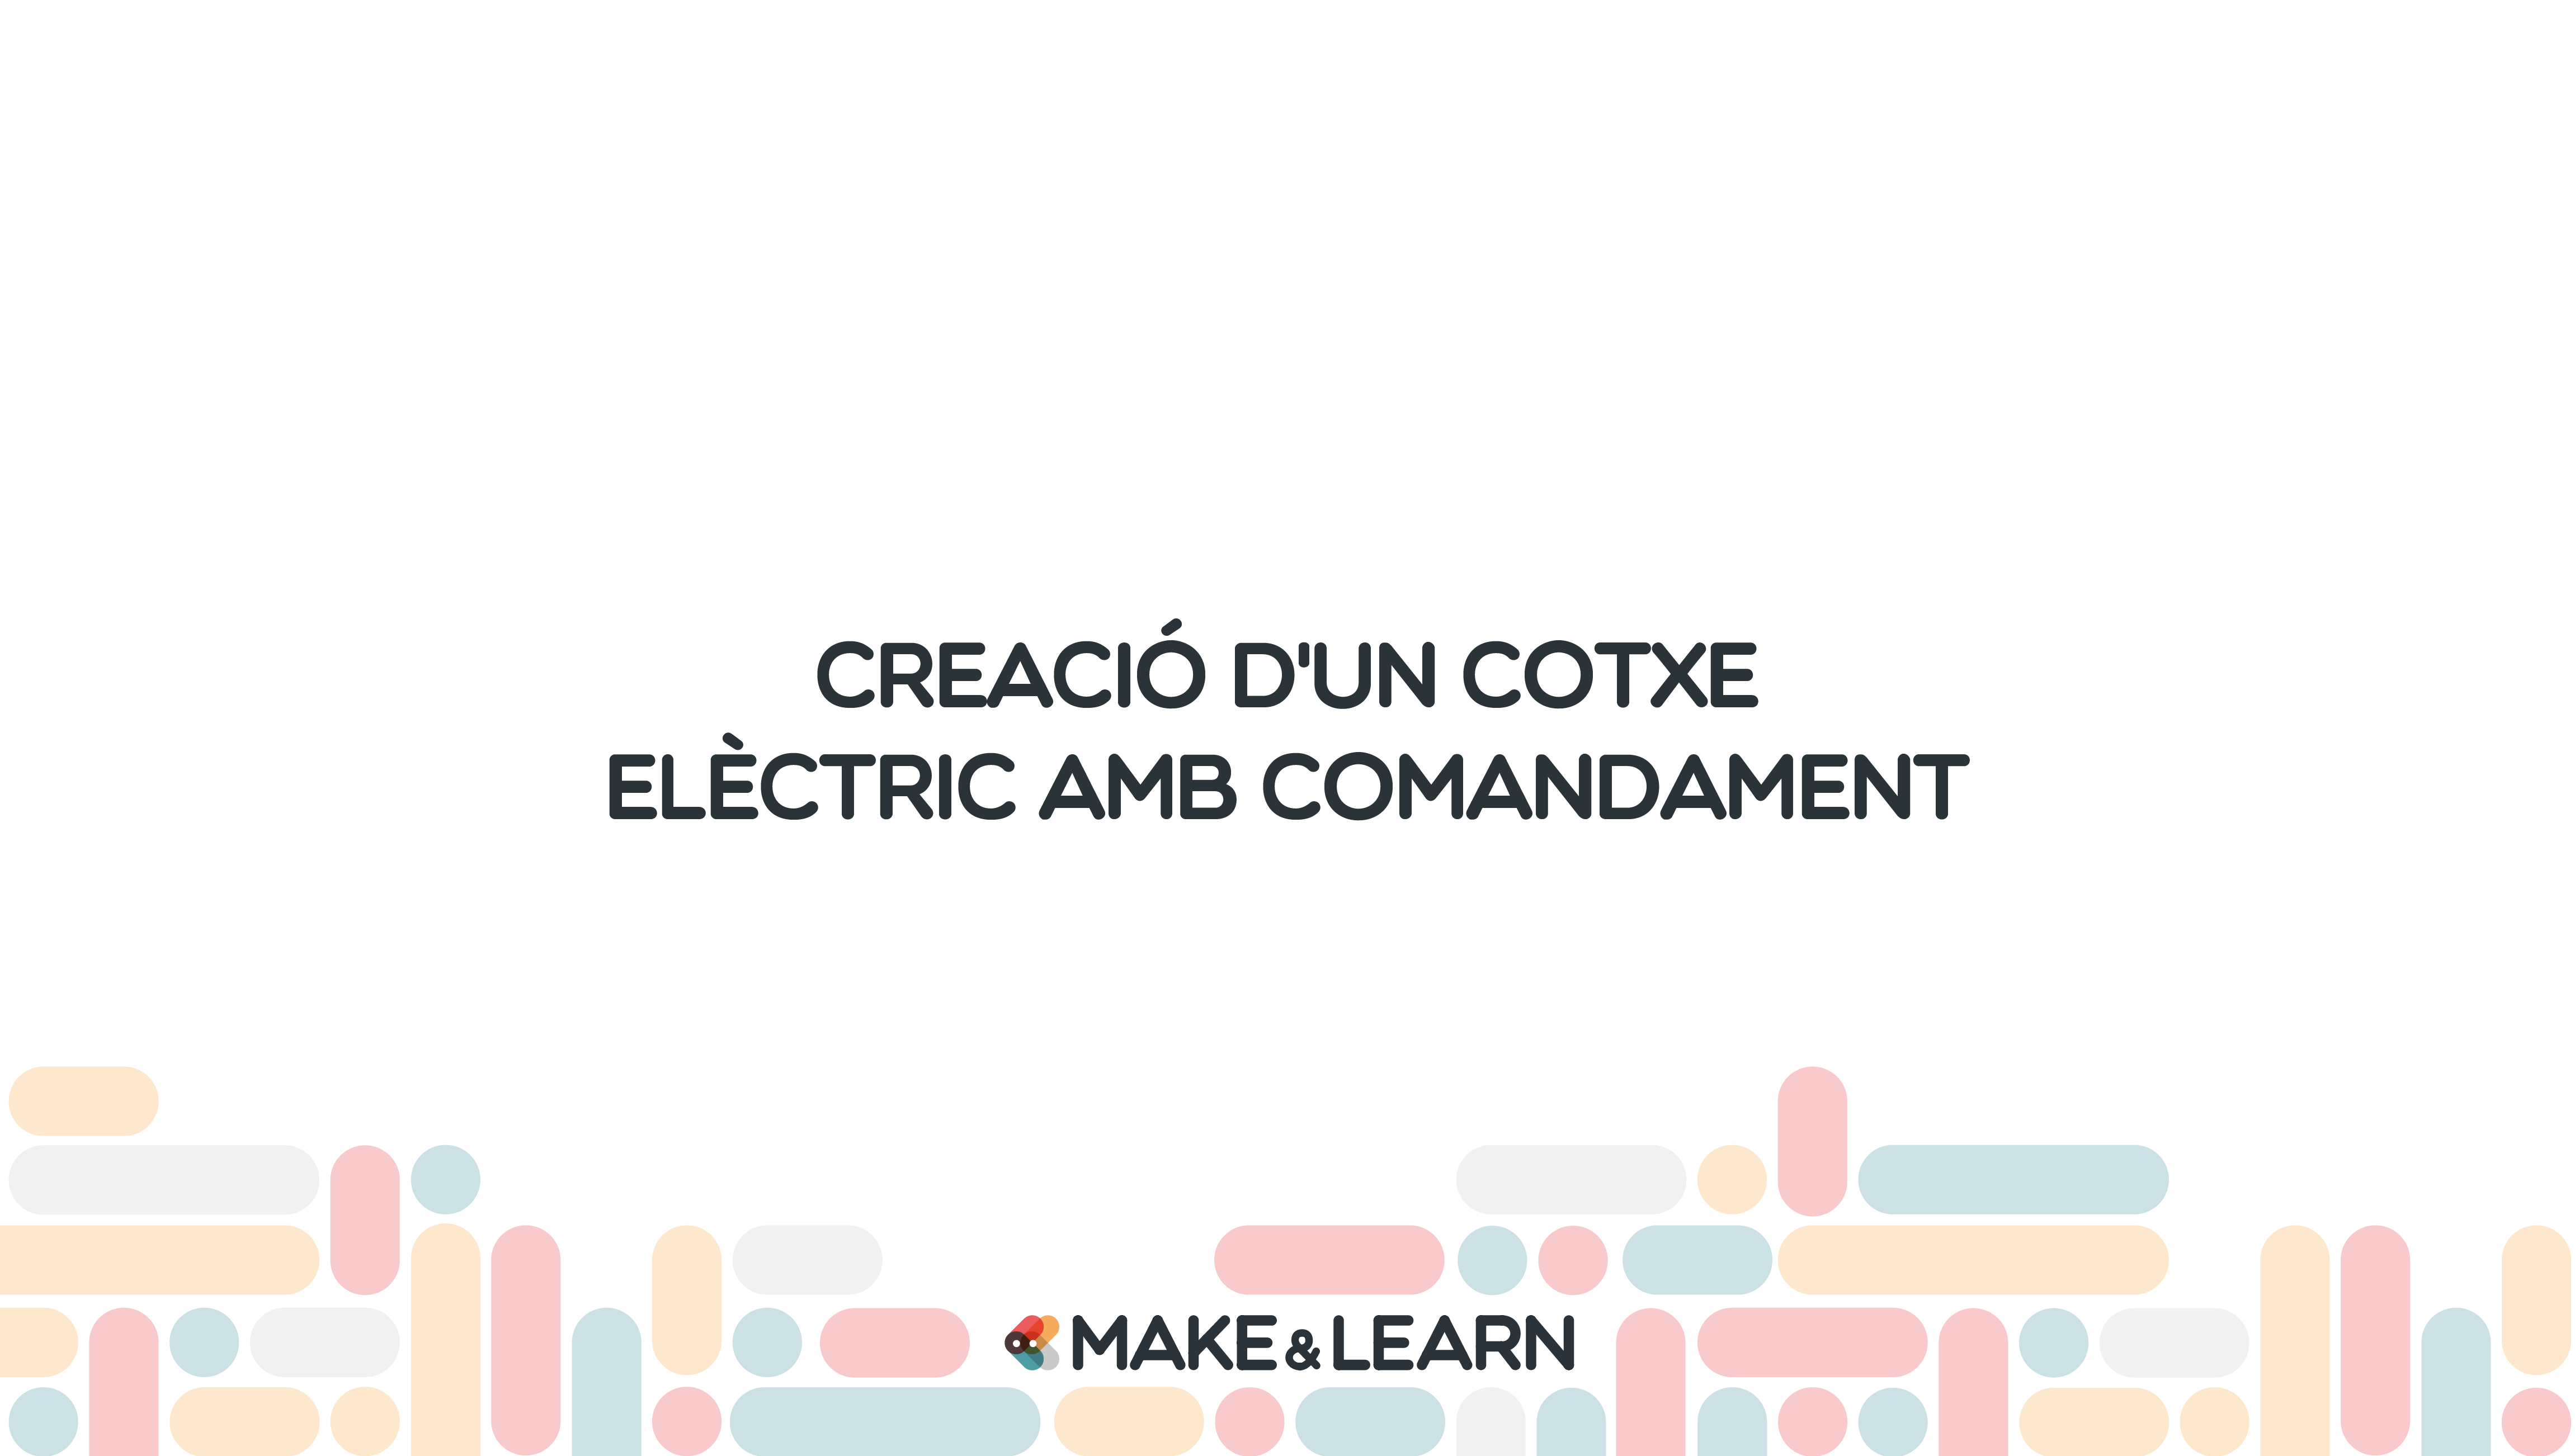 Creació d'un cotxe elèctric amb comandament